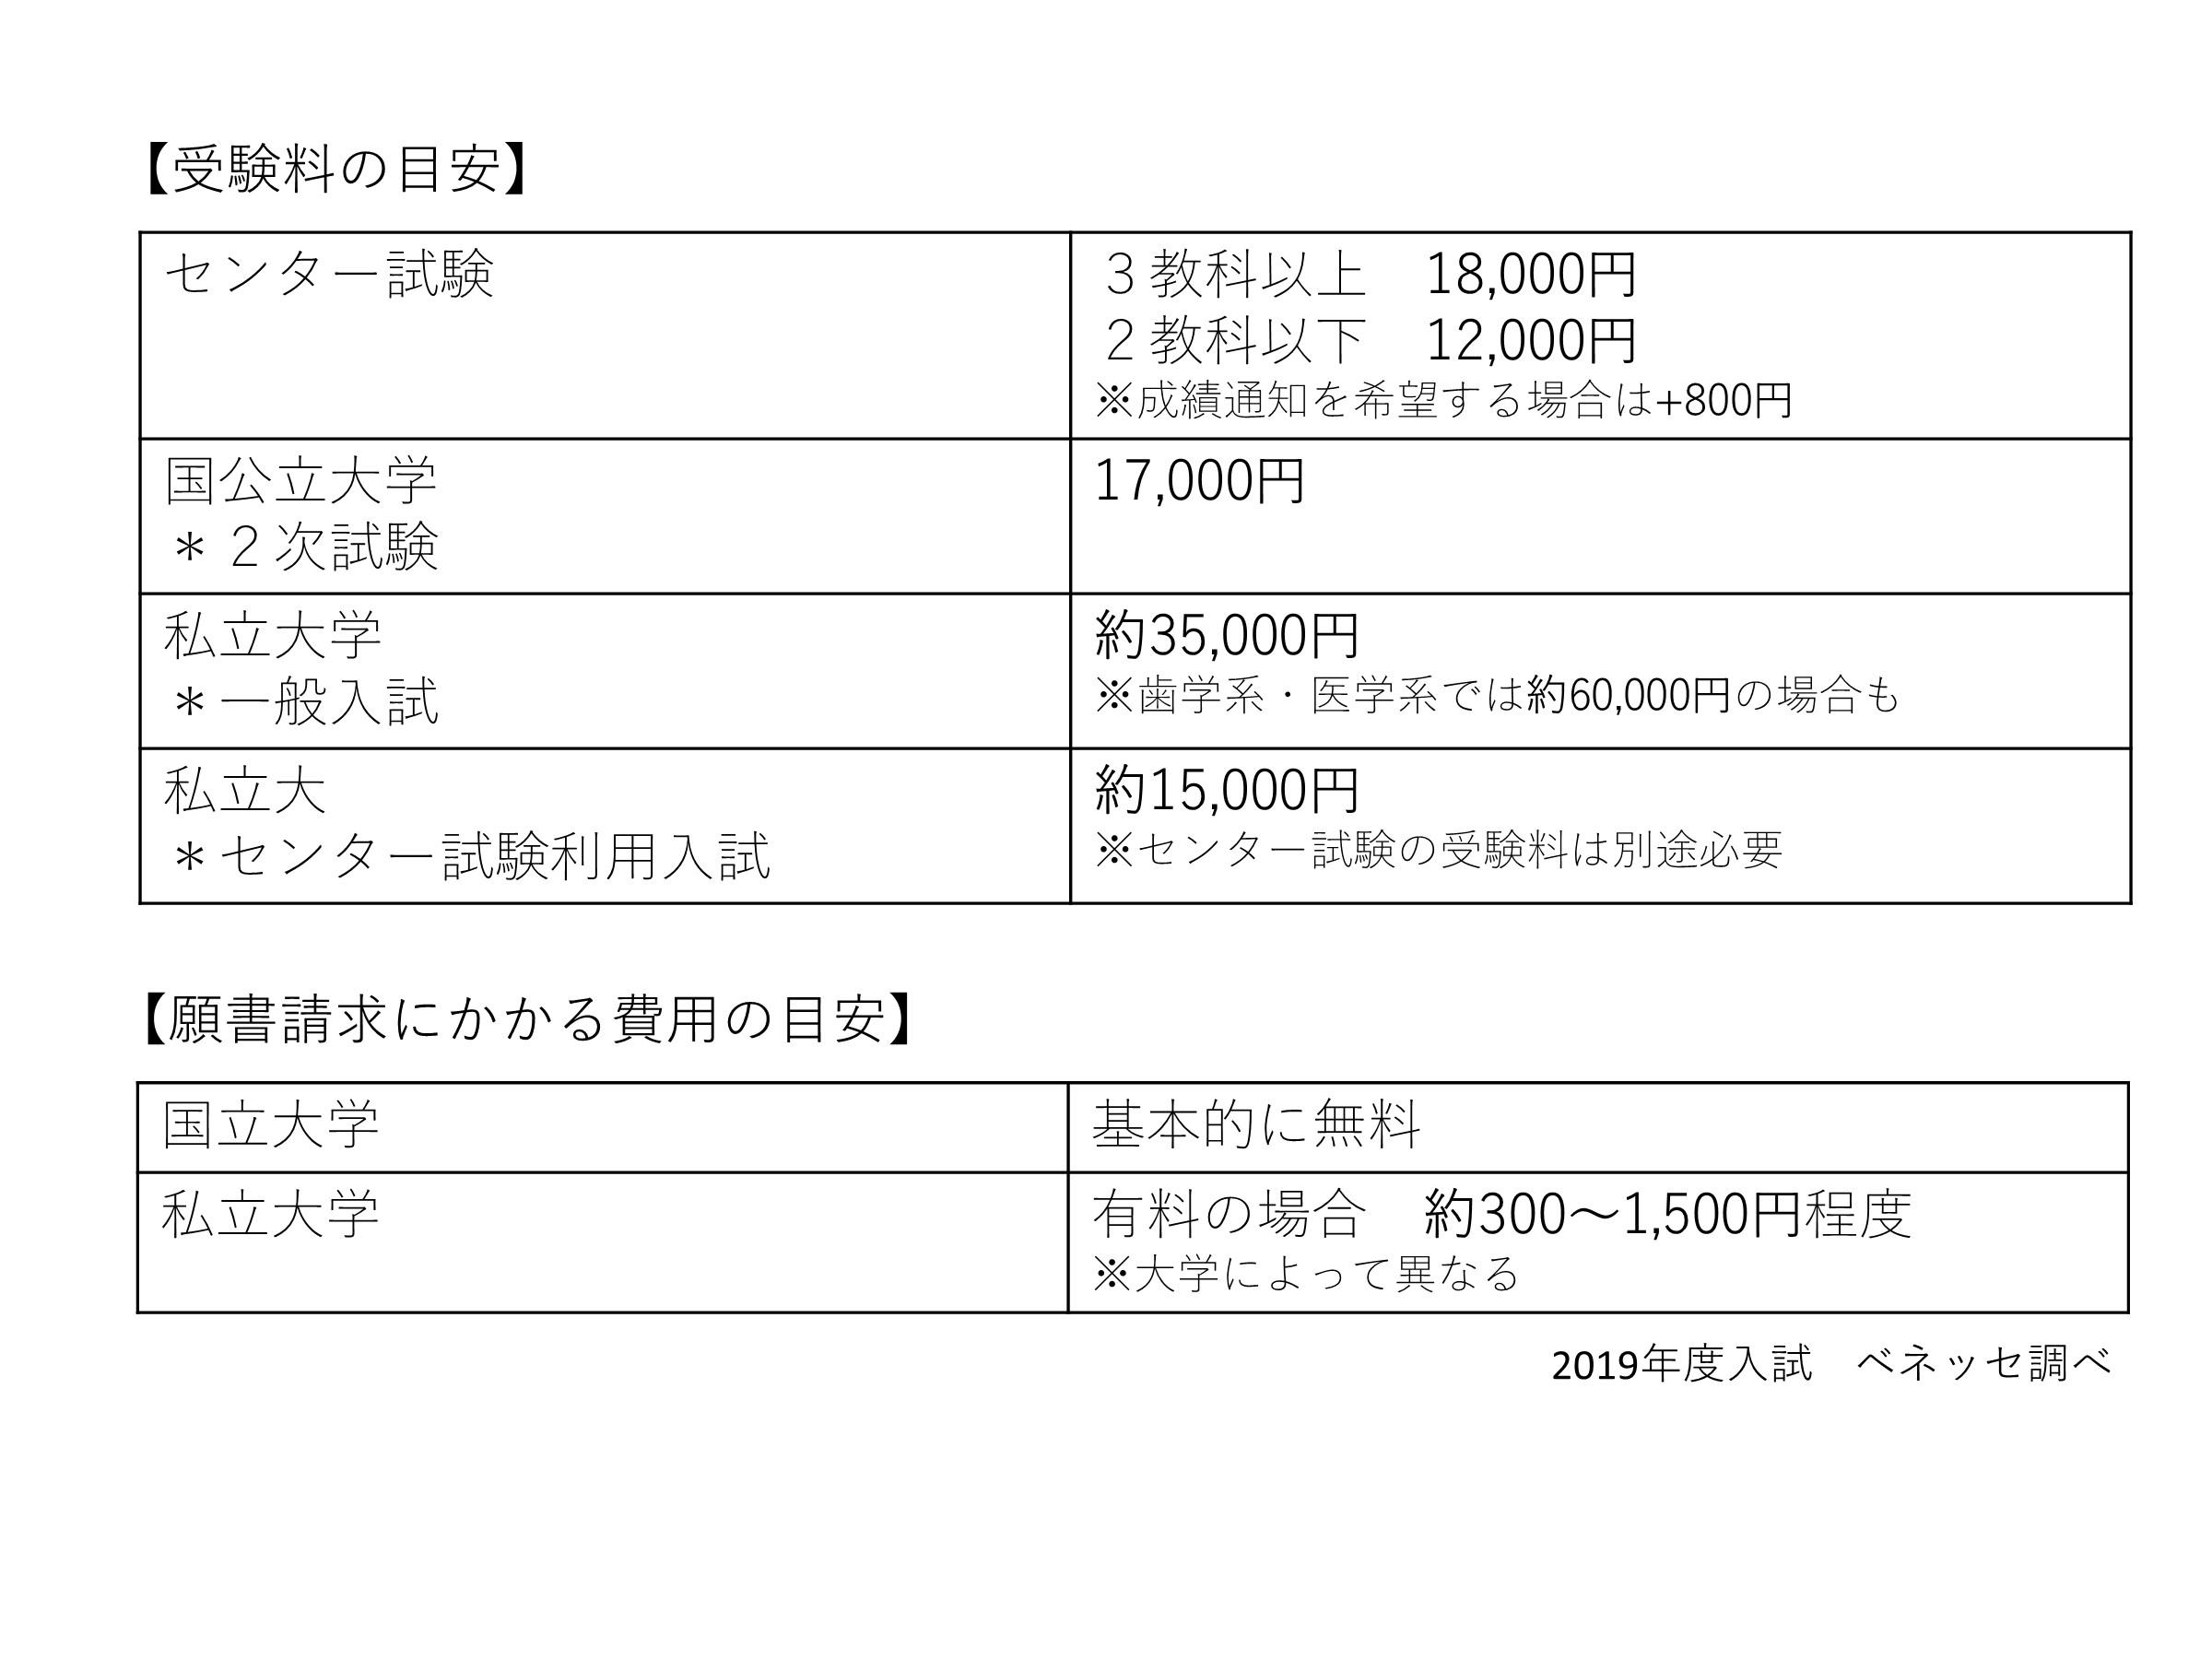 二 次 試験 国立 日程 大学